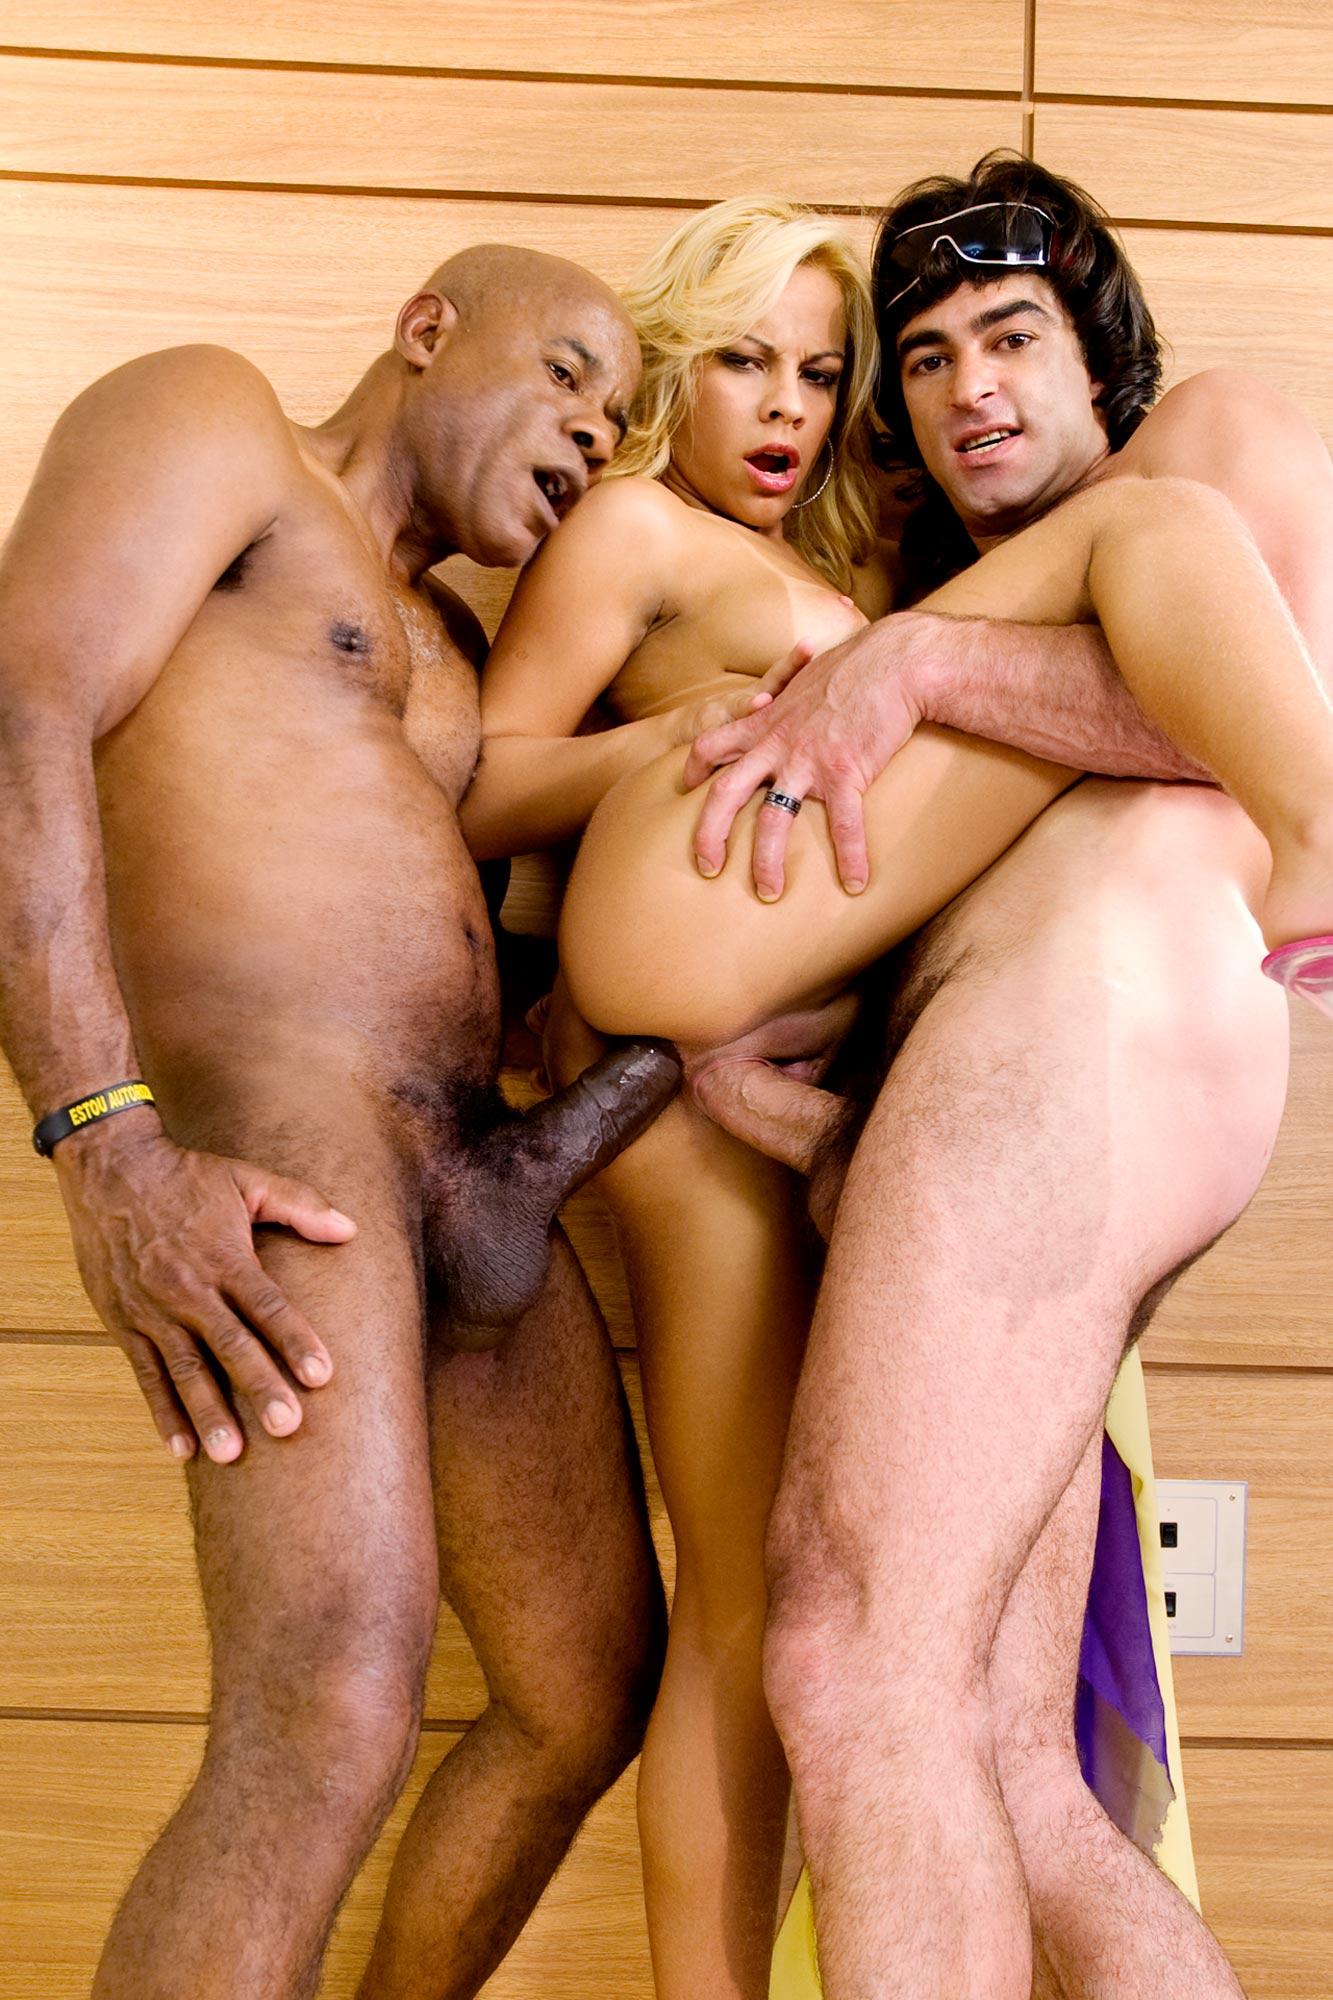 Videos Porno Brasil  Sexo Amador Melhores Videos Porno